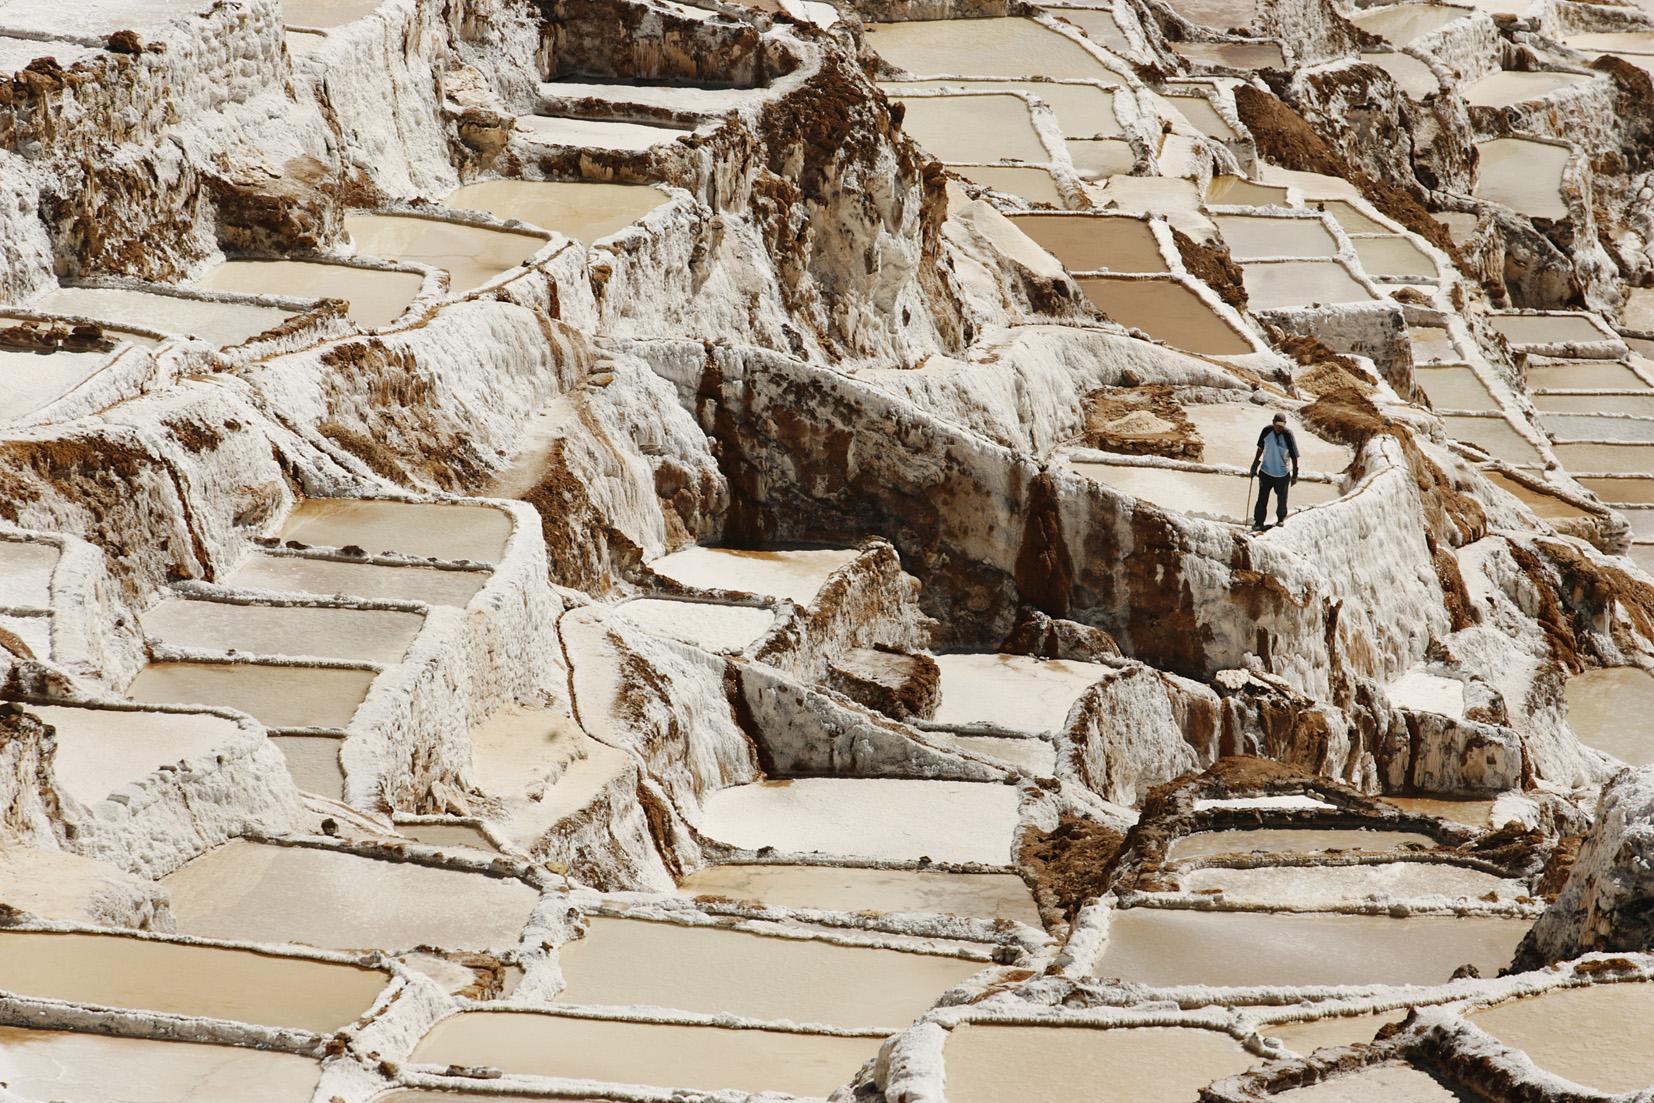 Julio del 2009.Minas de sal y pueblo de Maras.Fotos: Enrique Castro-Mend'vil